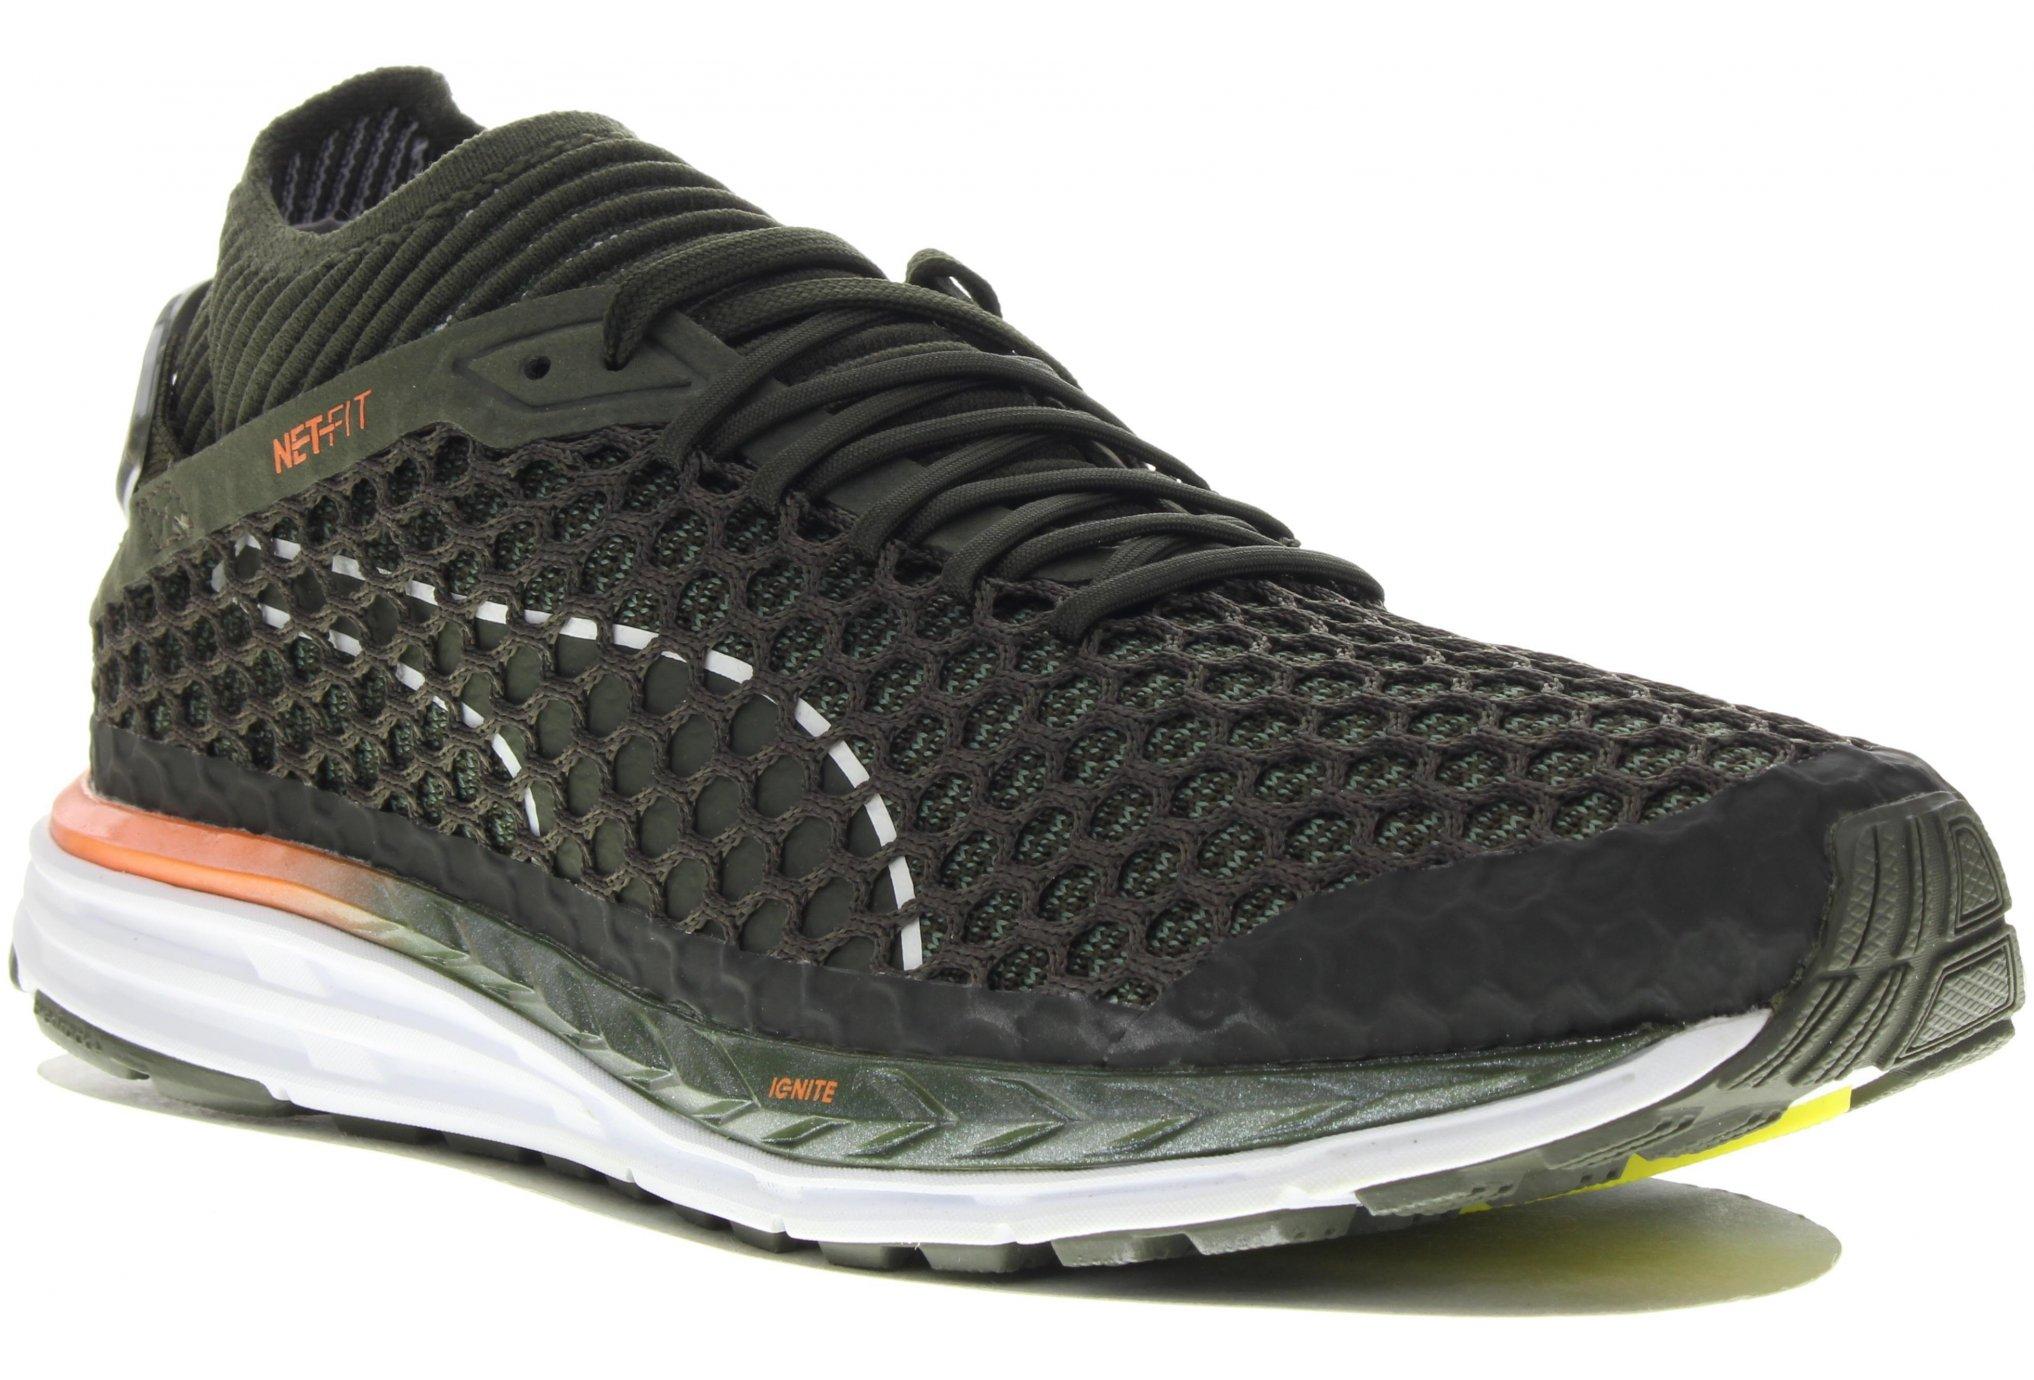 Puma Speed Ignite Netfit 2 M Diététique Chaussures homme